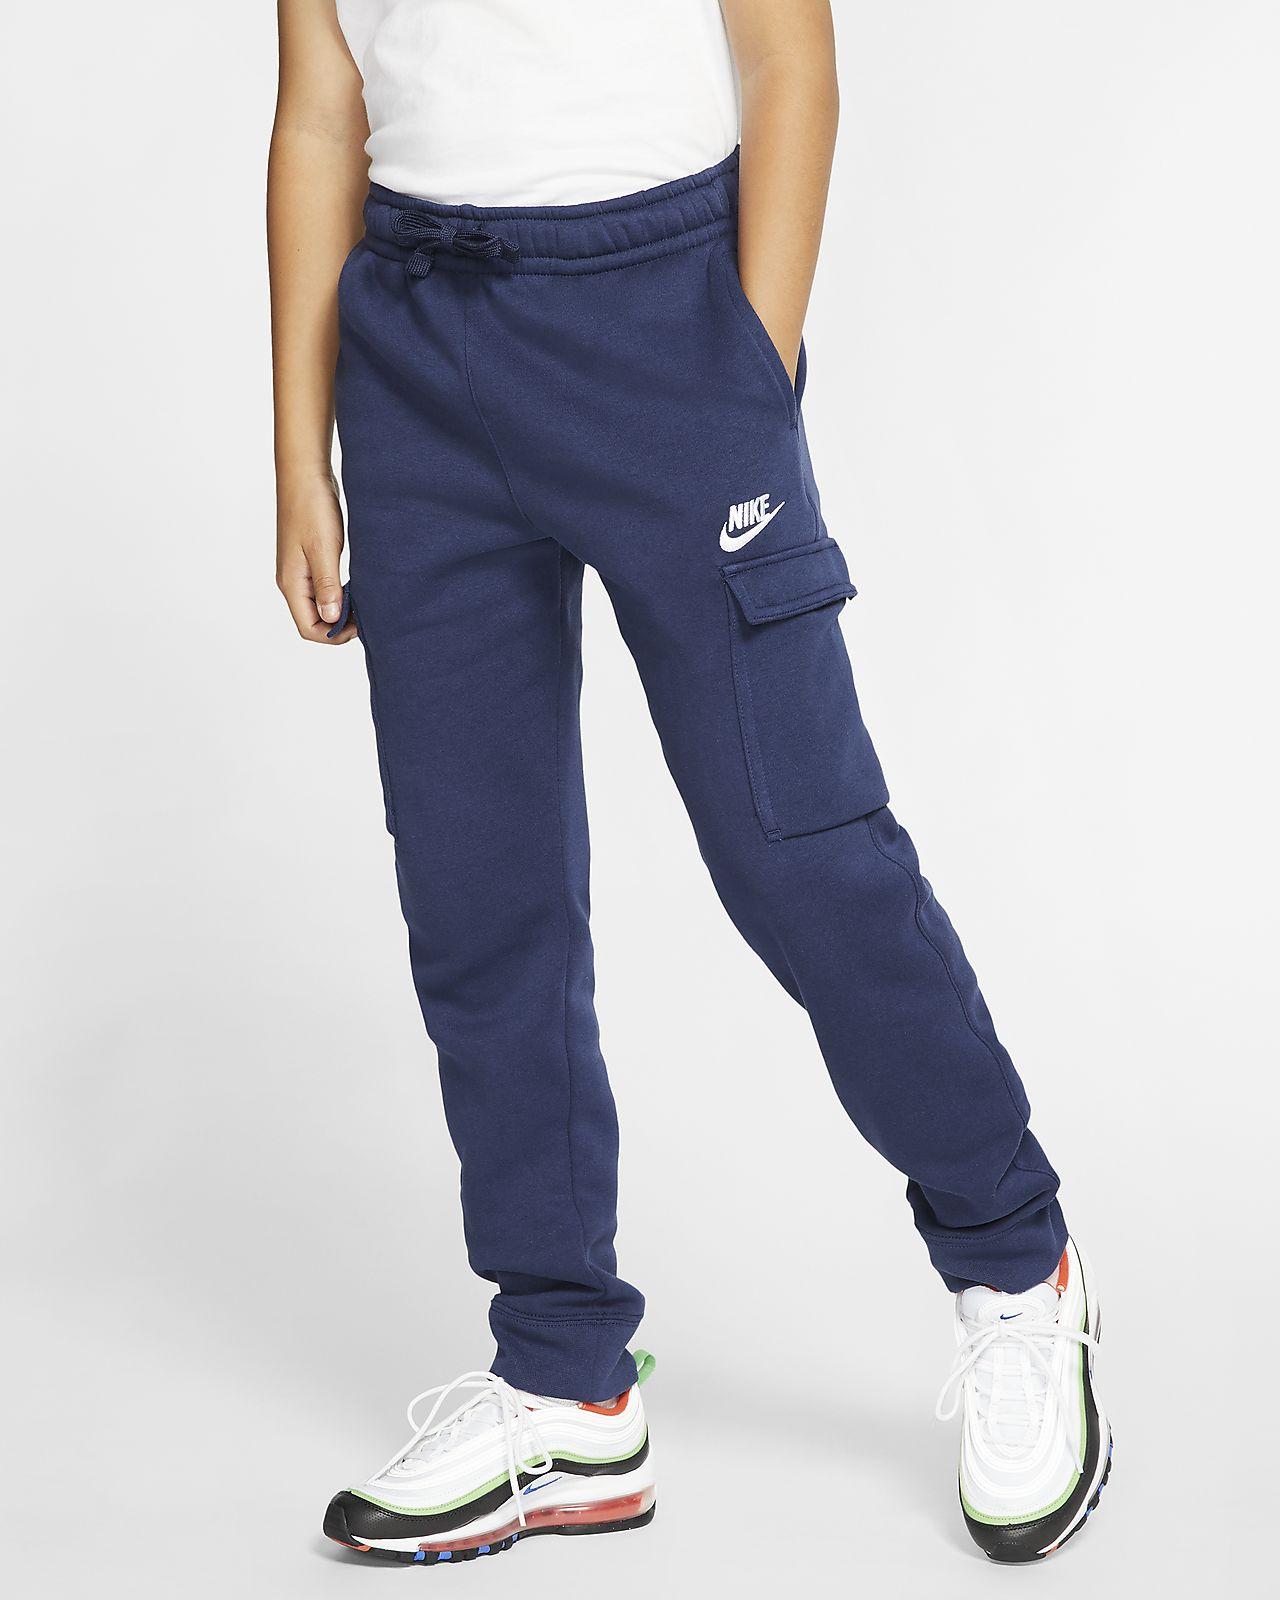 Nike Sportswear Club Big Kids' (Boys') Cargo Pants